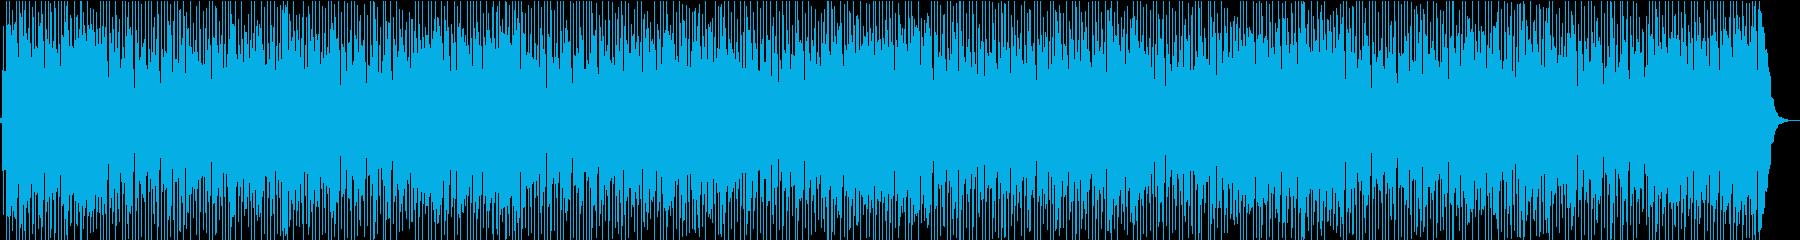 ビートルズ風・ほのぼのハーモニカの再生済みの波形